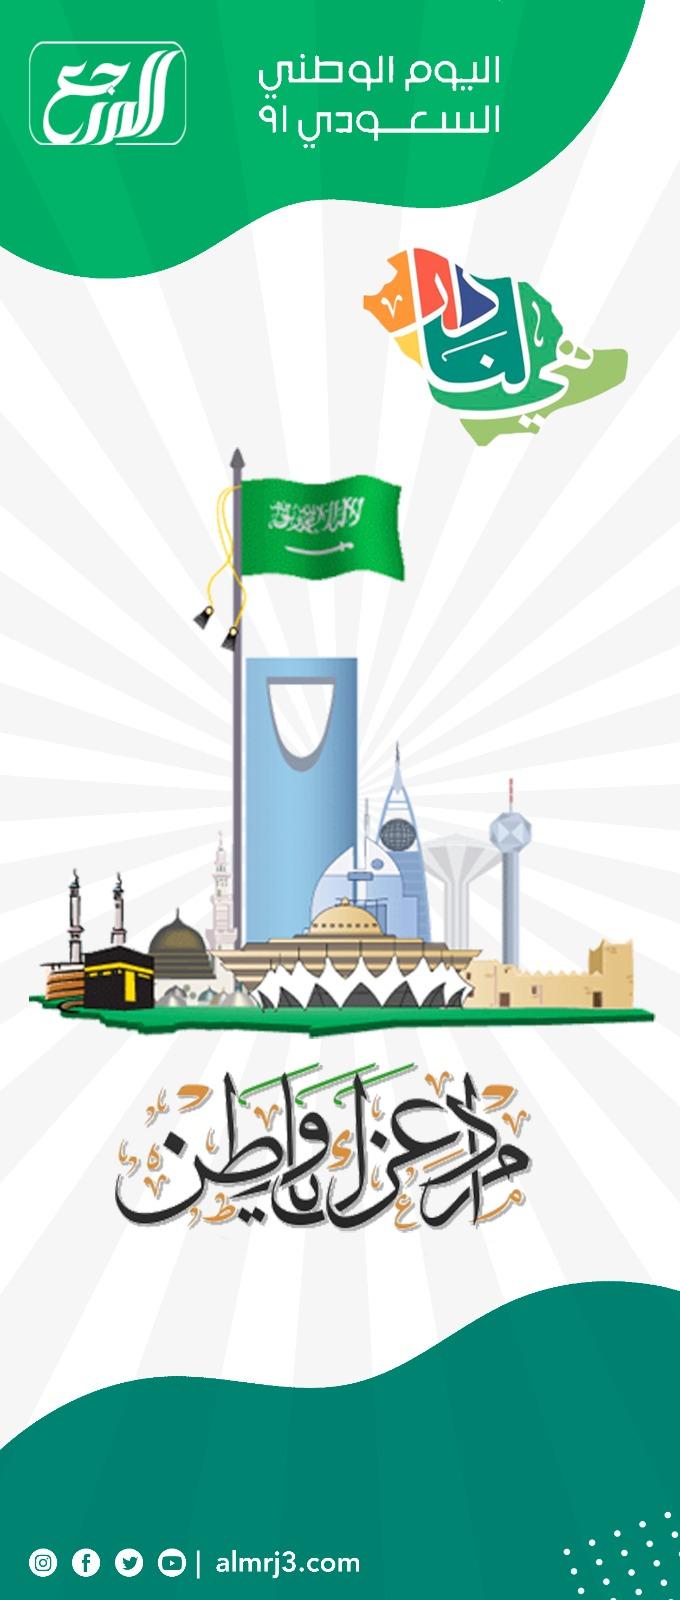 صور بنر لليوم الوطني السعودي png